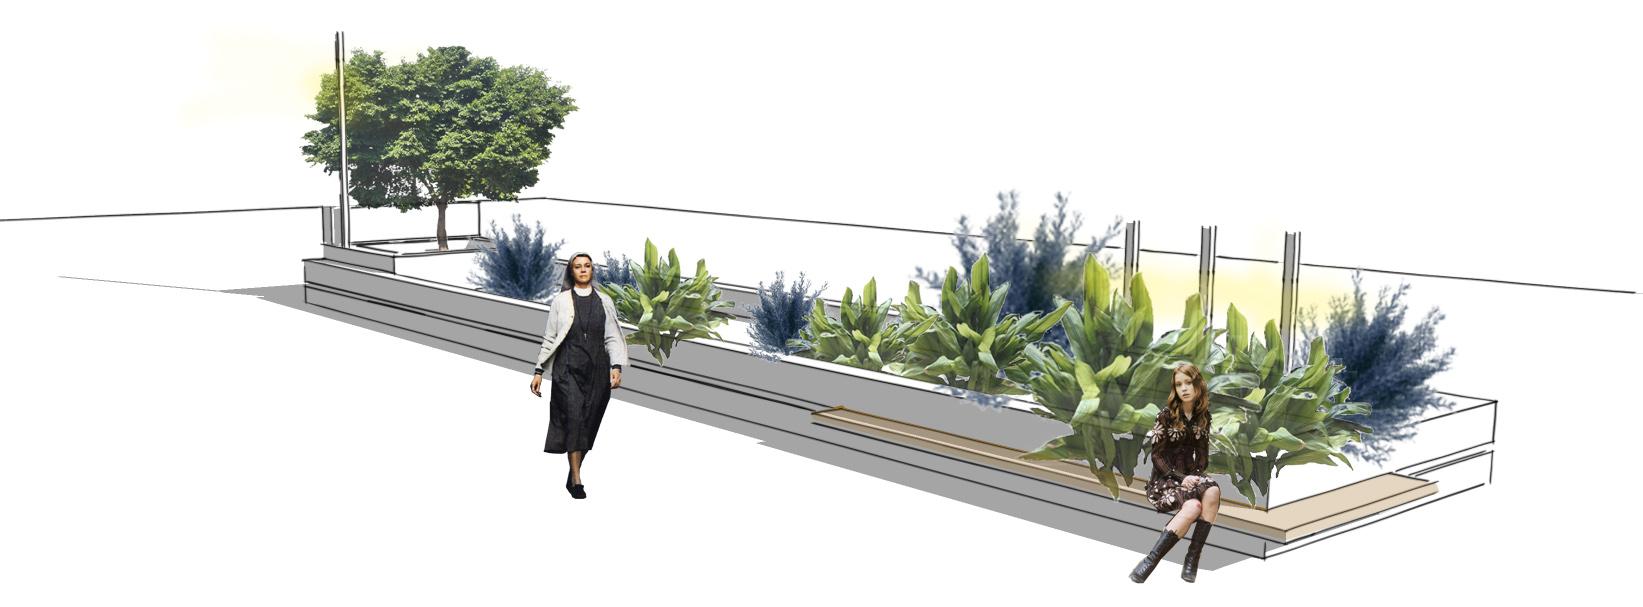 Remodelaci n del mercado de ruzafa paissano for Equipamiento urbano arquitectura pdf